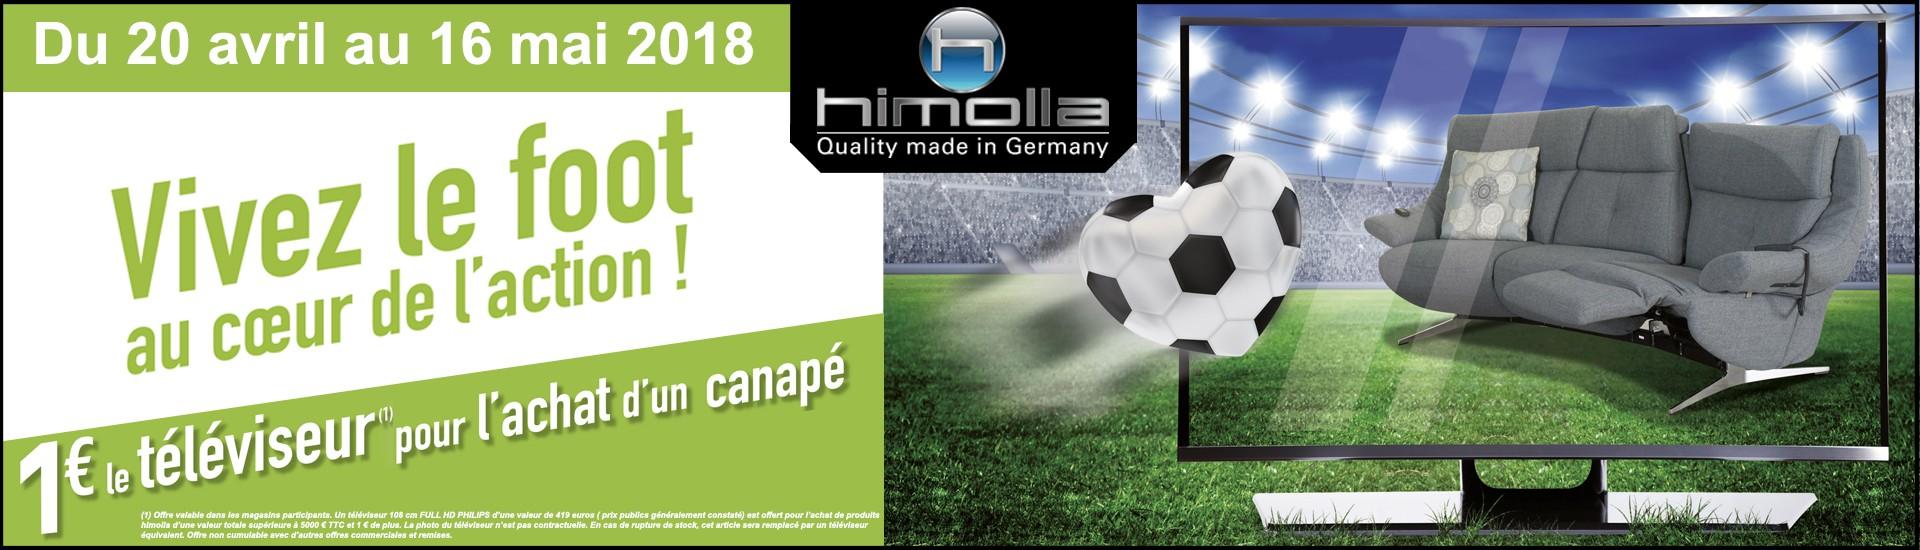 Himolla foot!! 1€ le téléviseur du 20 avril au 16 mai 2018 chez GLOBAL Meubles